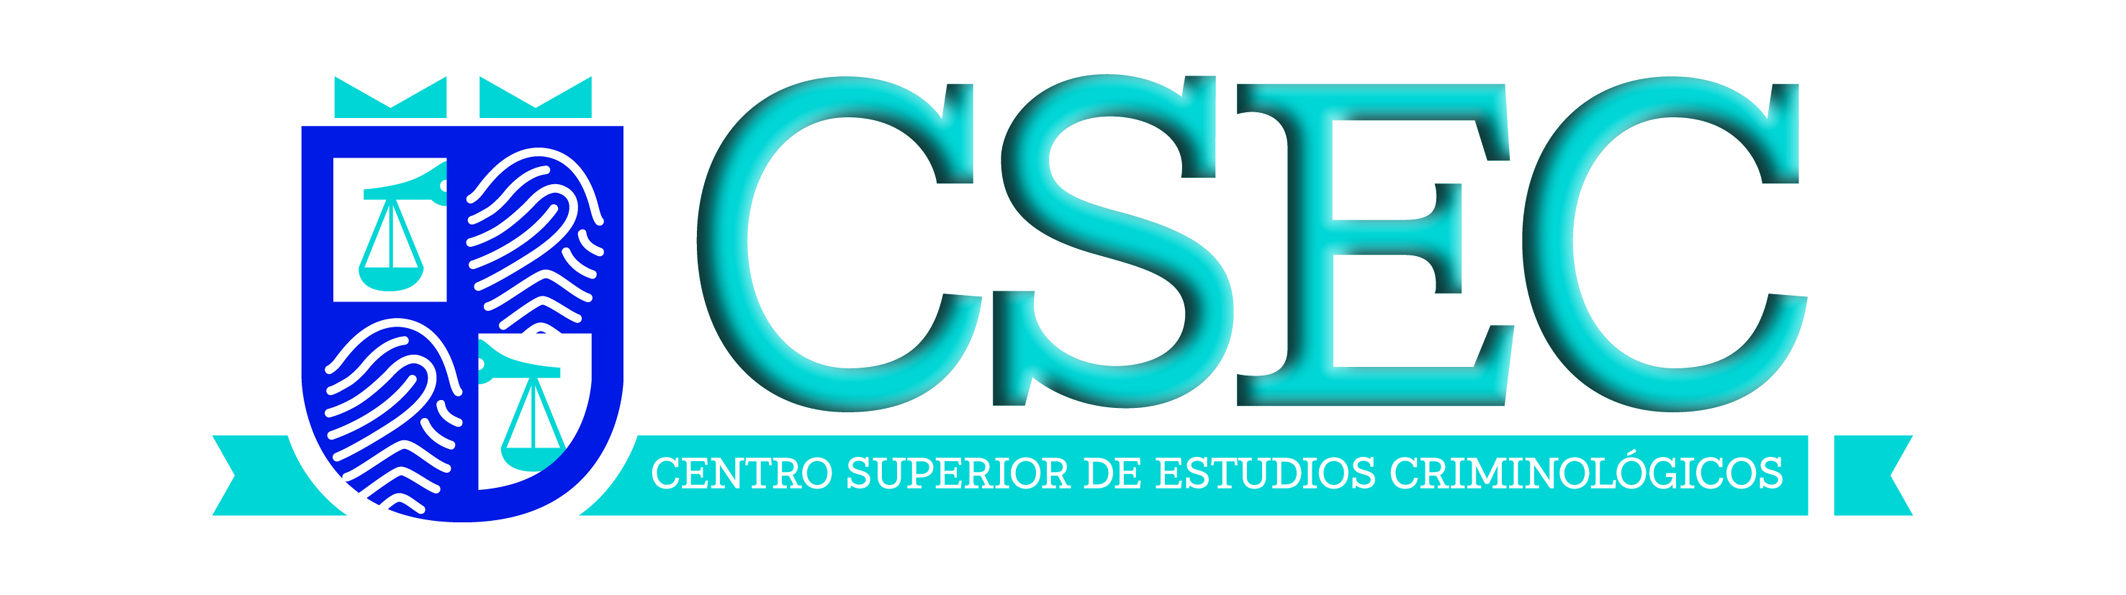 LOGO CSEC 1